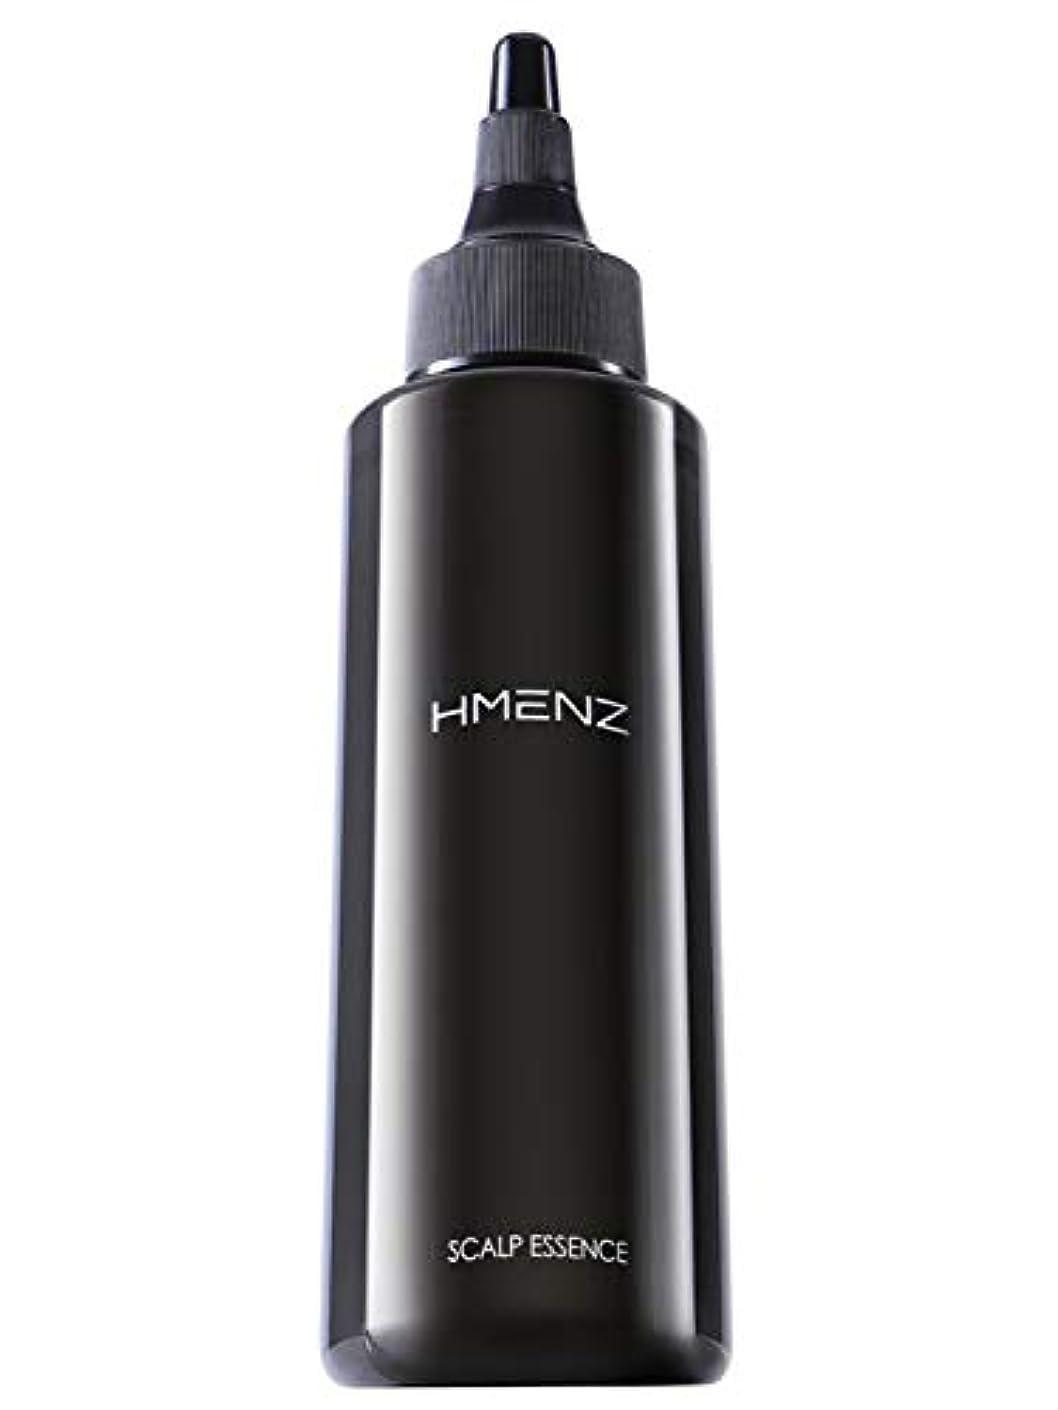 信頼パッチ放置医薬部外品 HMENZ メンズ 育毛剤 スカルプエッセンス 毛髪エイジングケアシリーズ 和漢根 海藻配合 育毛トニック 120ml